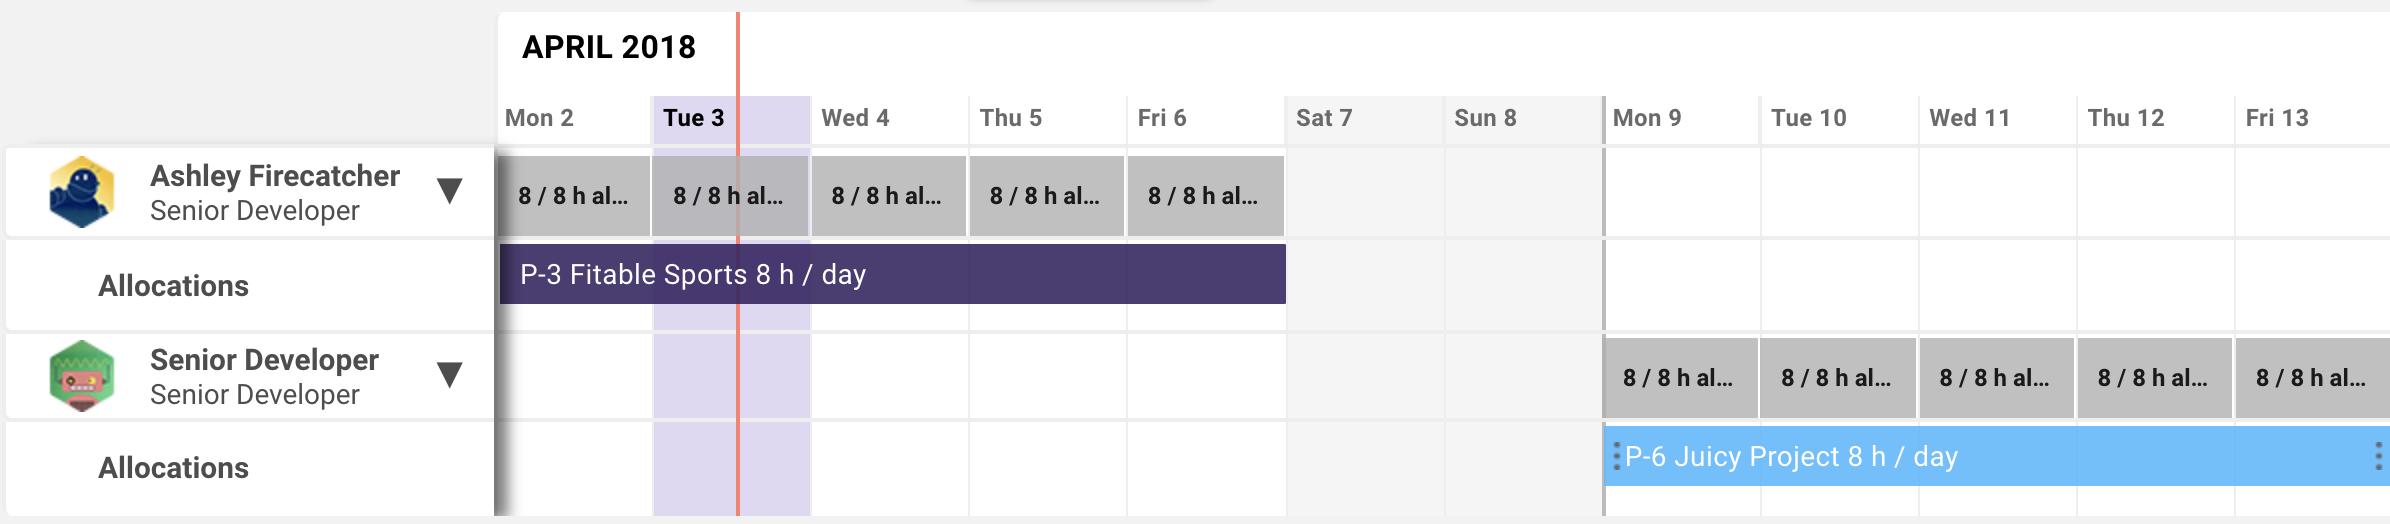 forecast_preplanning-scheduling